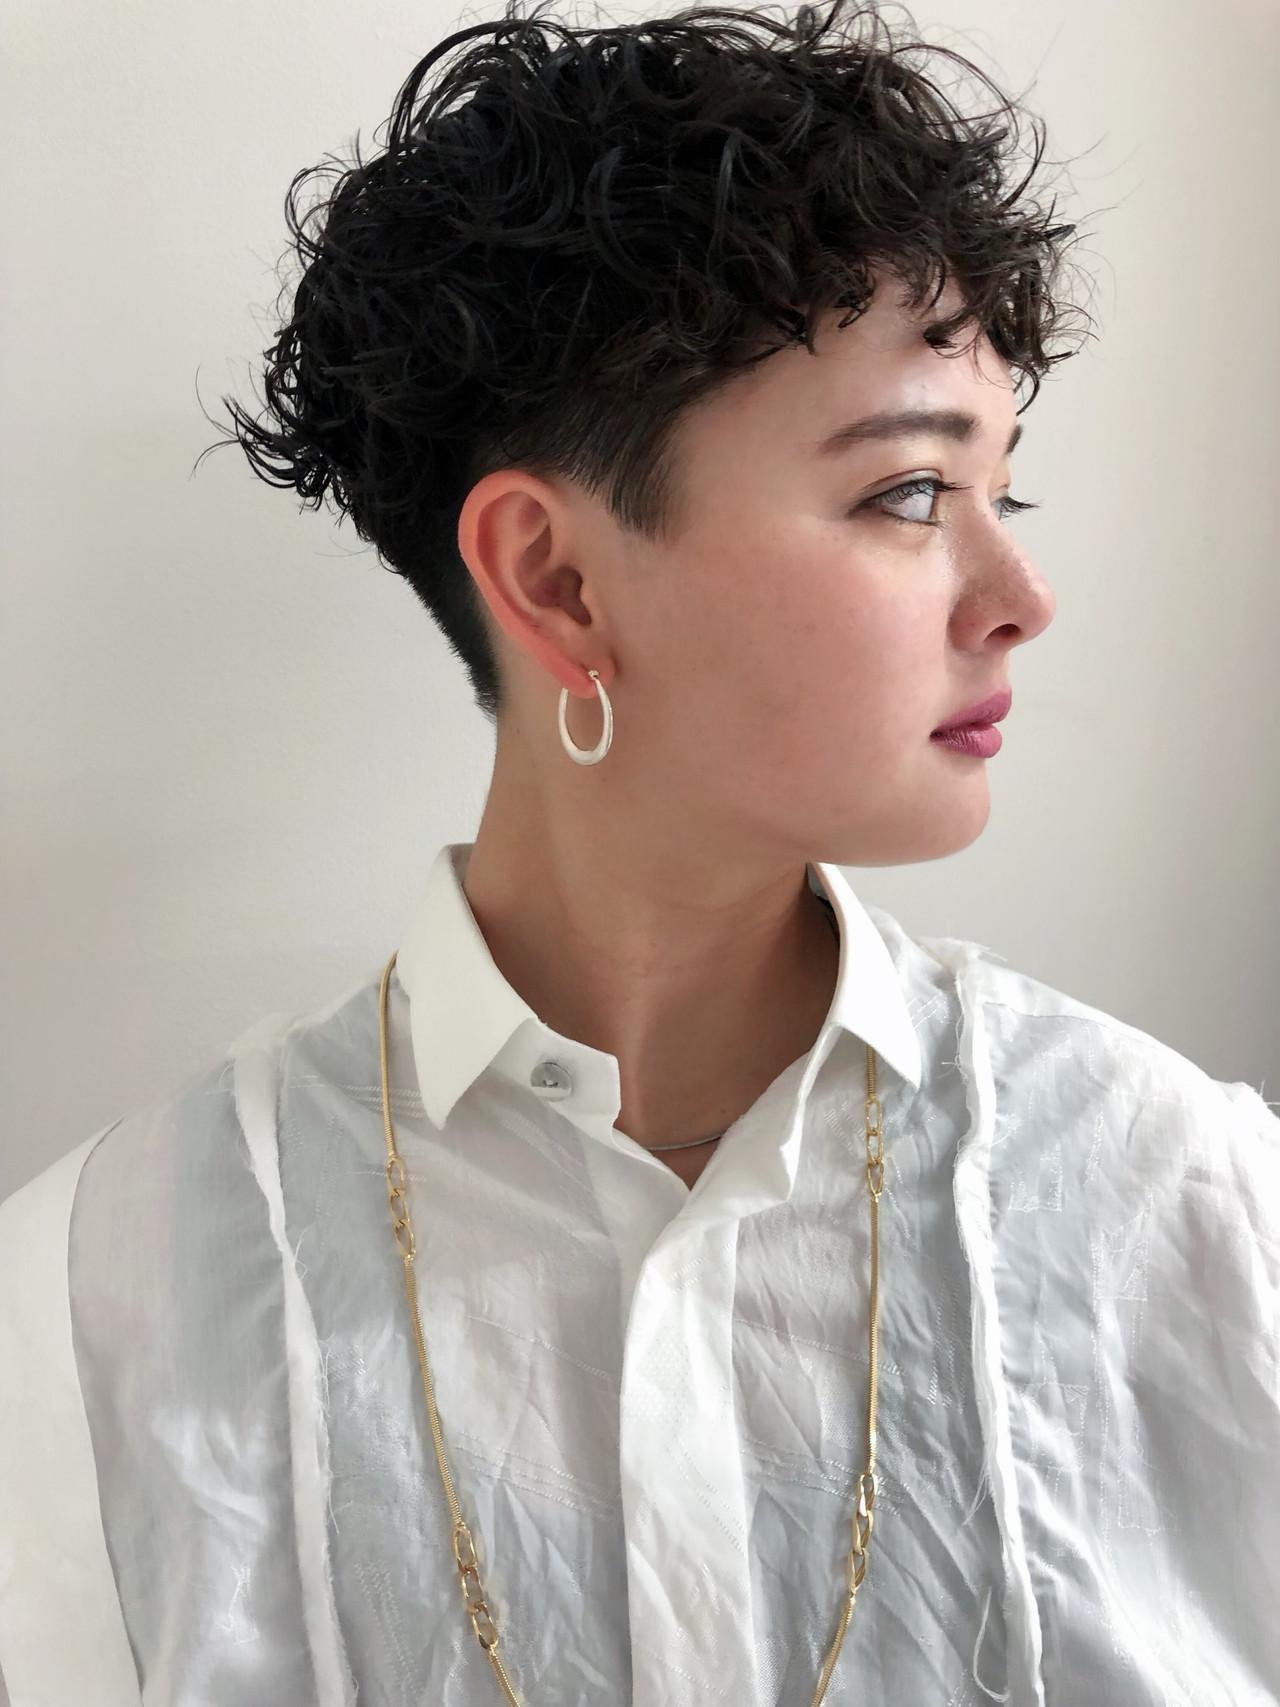 ショート ナチュラル 刈り上げショート 刈り上げ女子 ヘアスタイルや髪型の写真・画像 | 栗原貴史 PEEK-A-BOO / PEEK-A-BOO NEWoMan 新宿